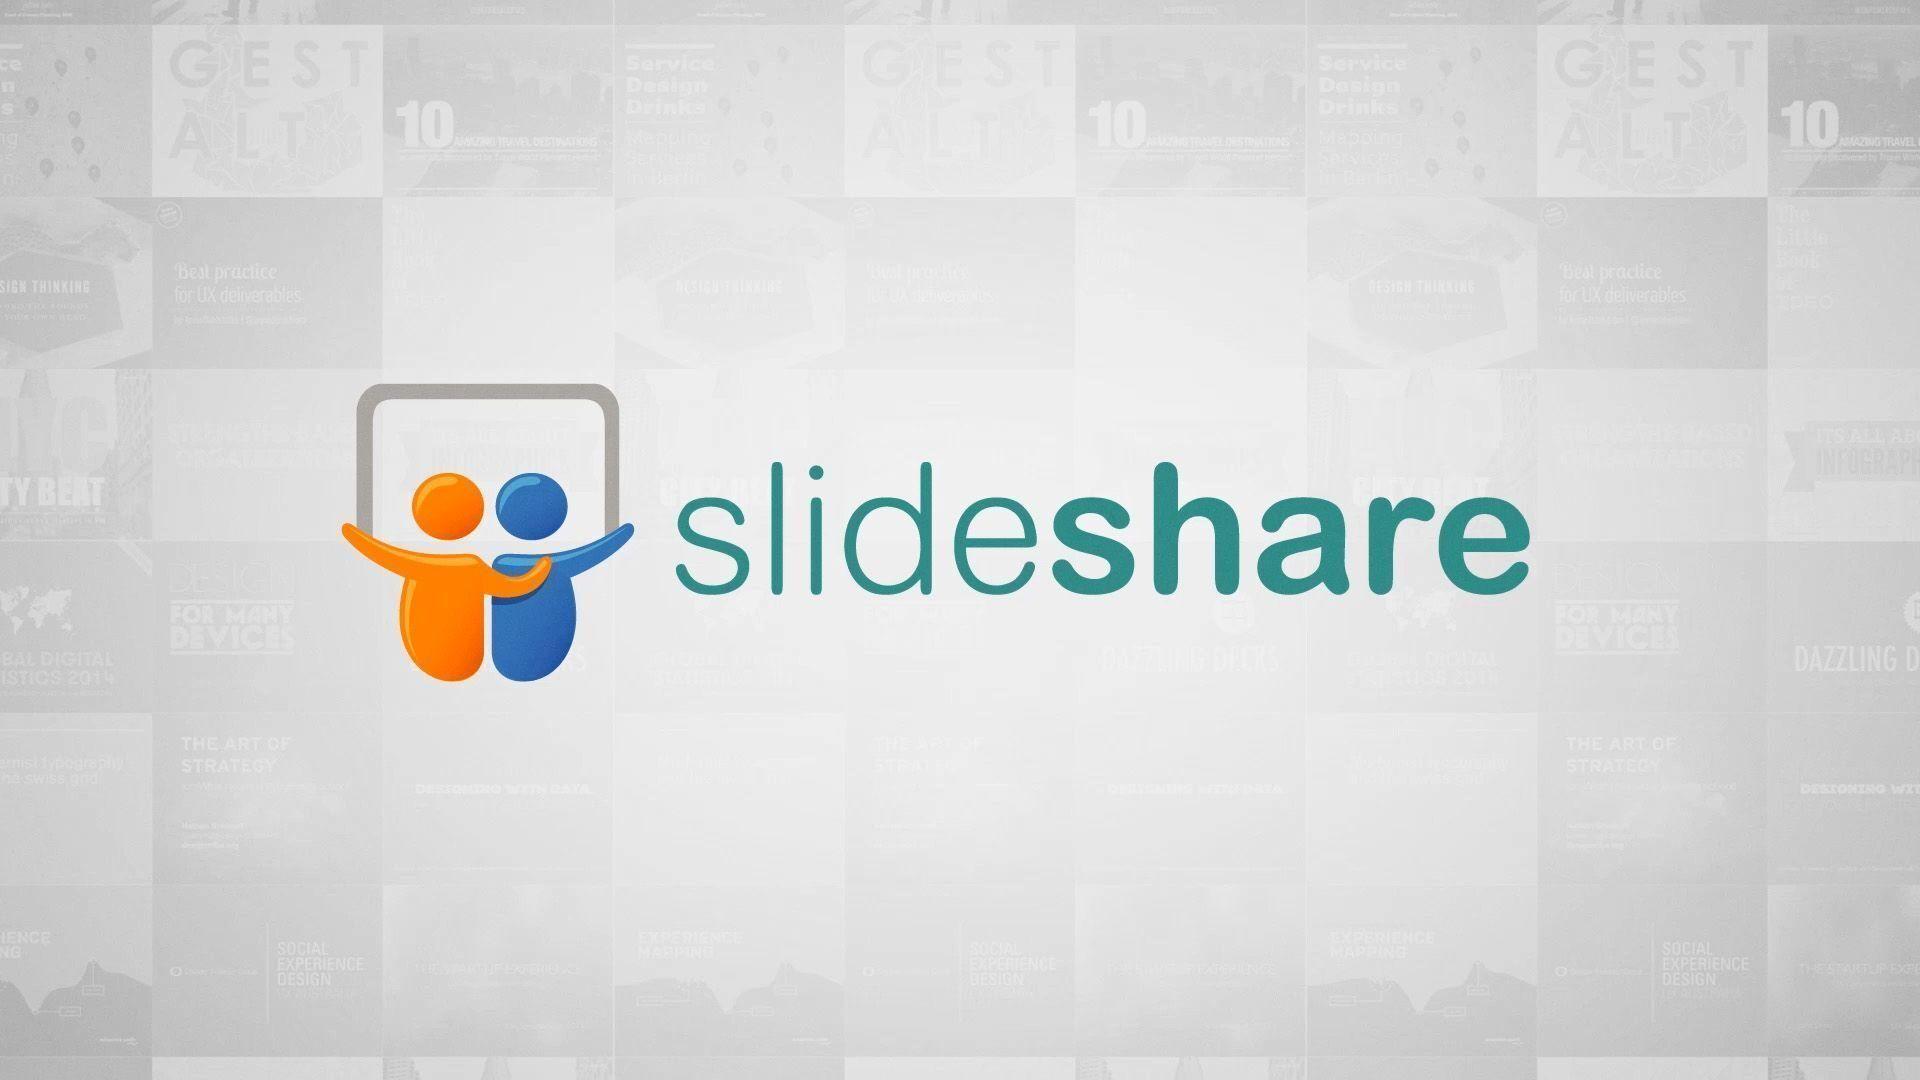 Slideshare como usar da melhor forma – Como ganhar mais visitas